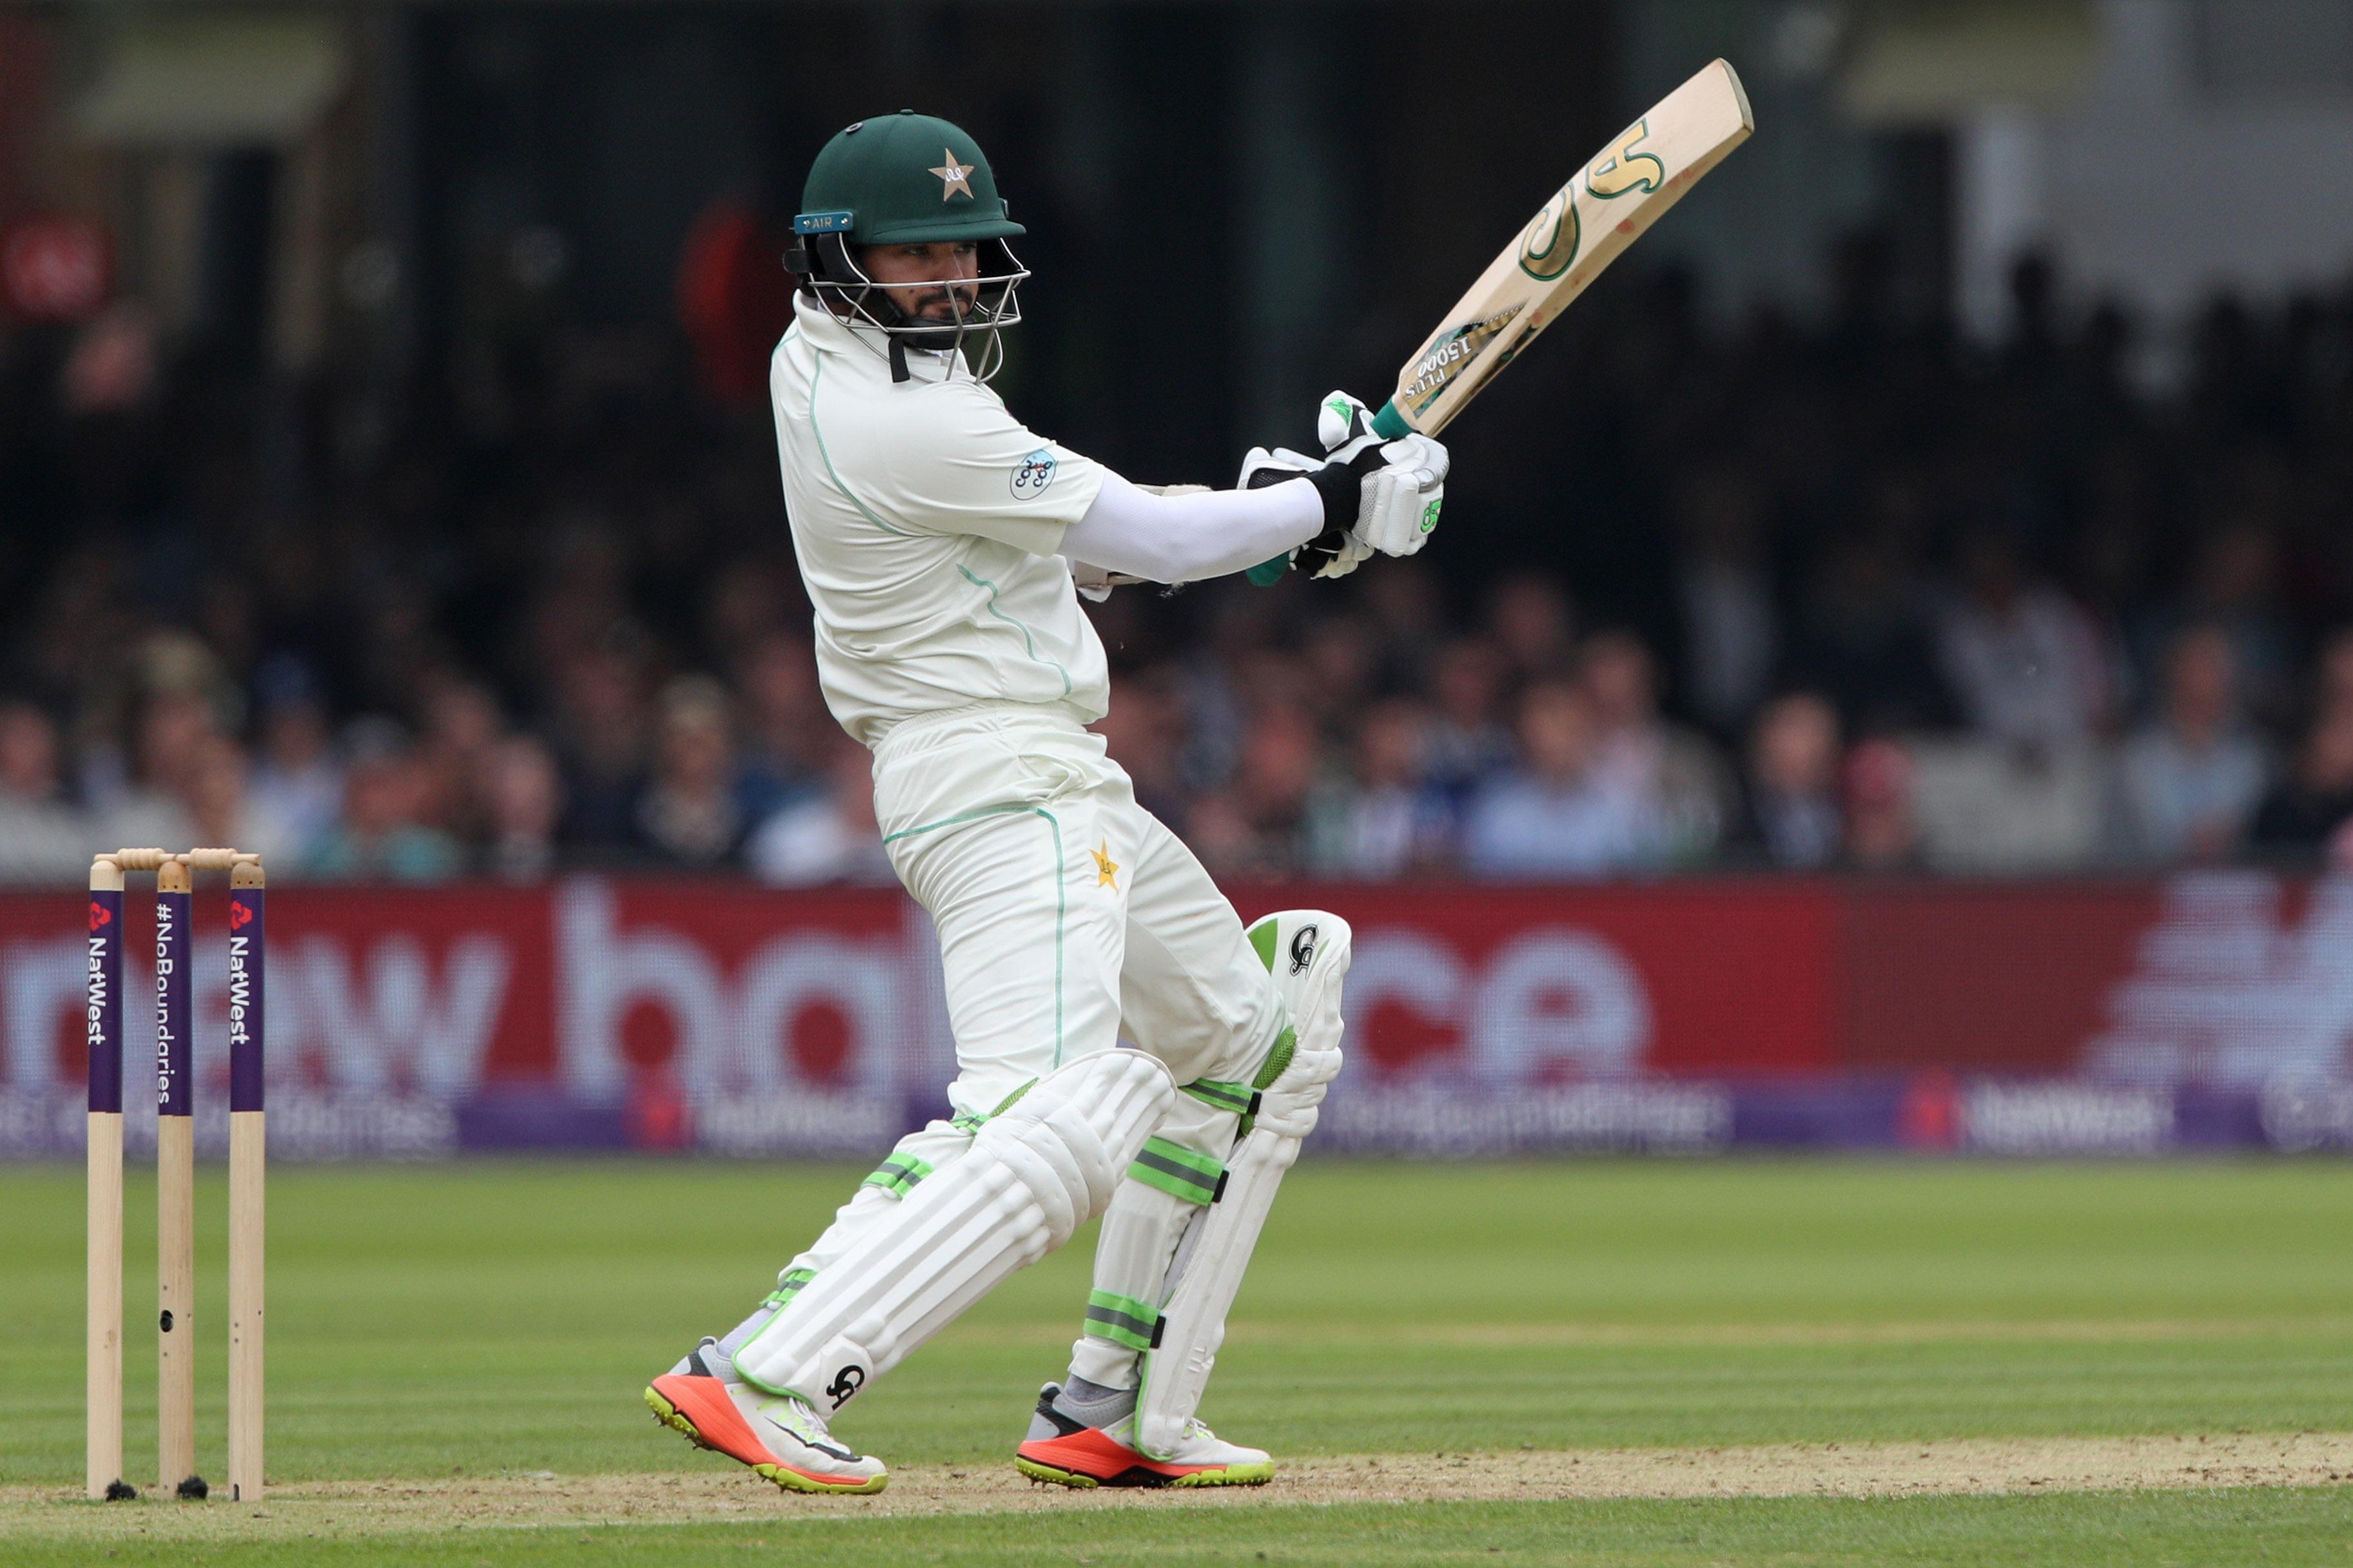 Azhar Ali's half-century helped Pakistan surpass England's 184 total